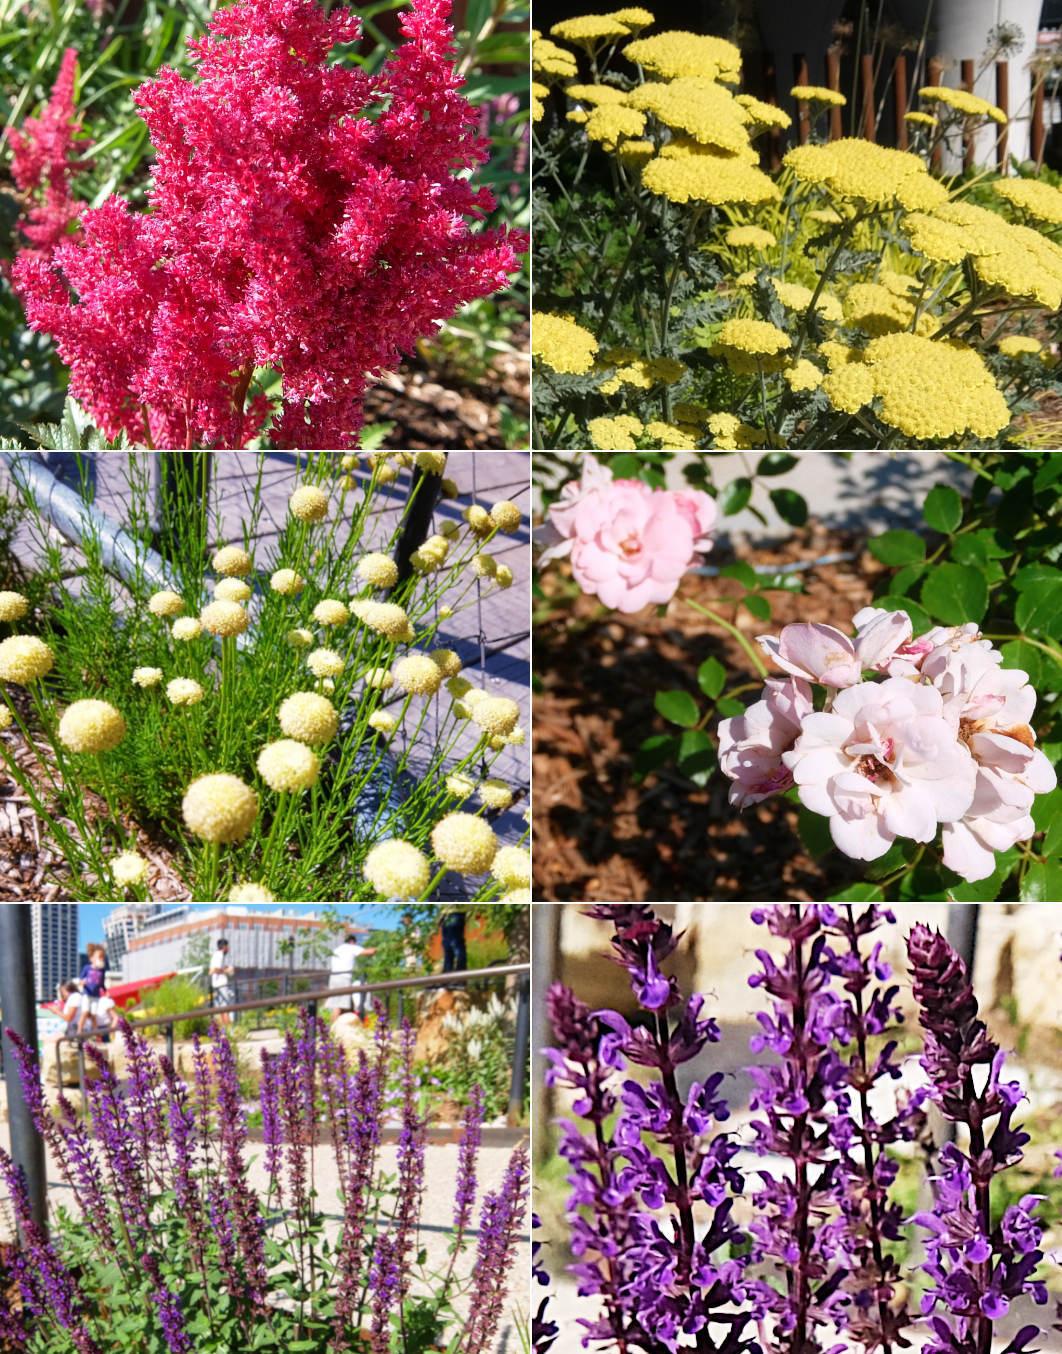 水上公園リトル・アイランドの見所、お花や植物_b0007805_03504325.jpg